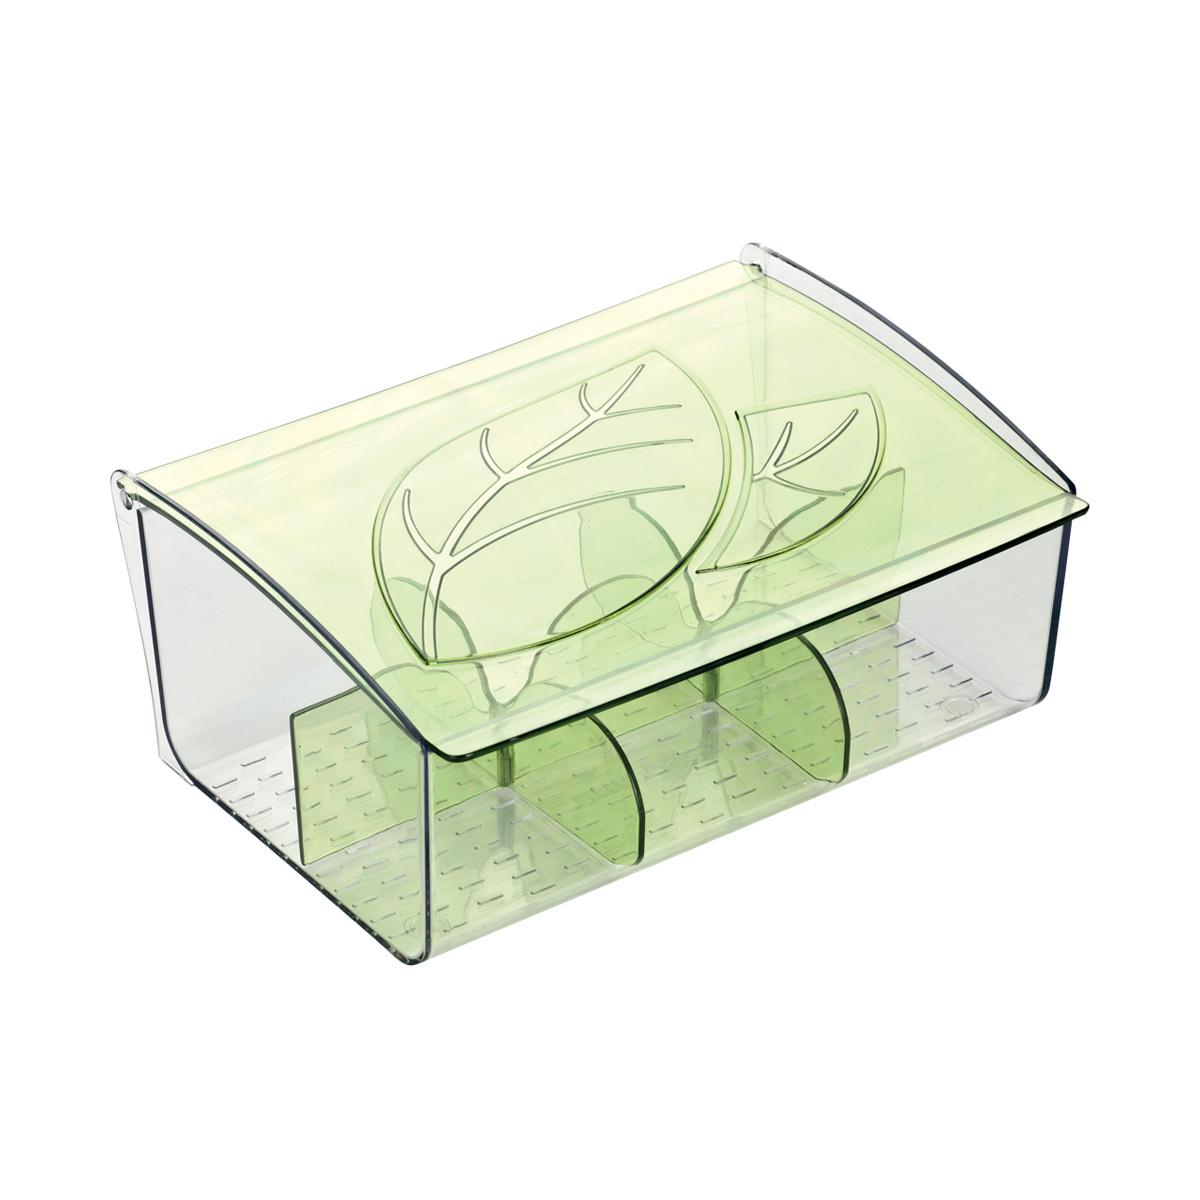 Zásobník na čajové sáčky myDRINK